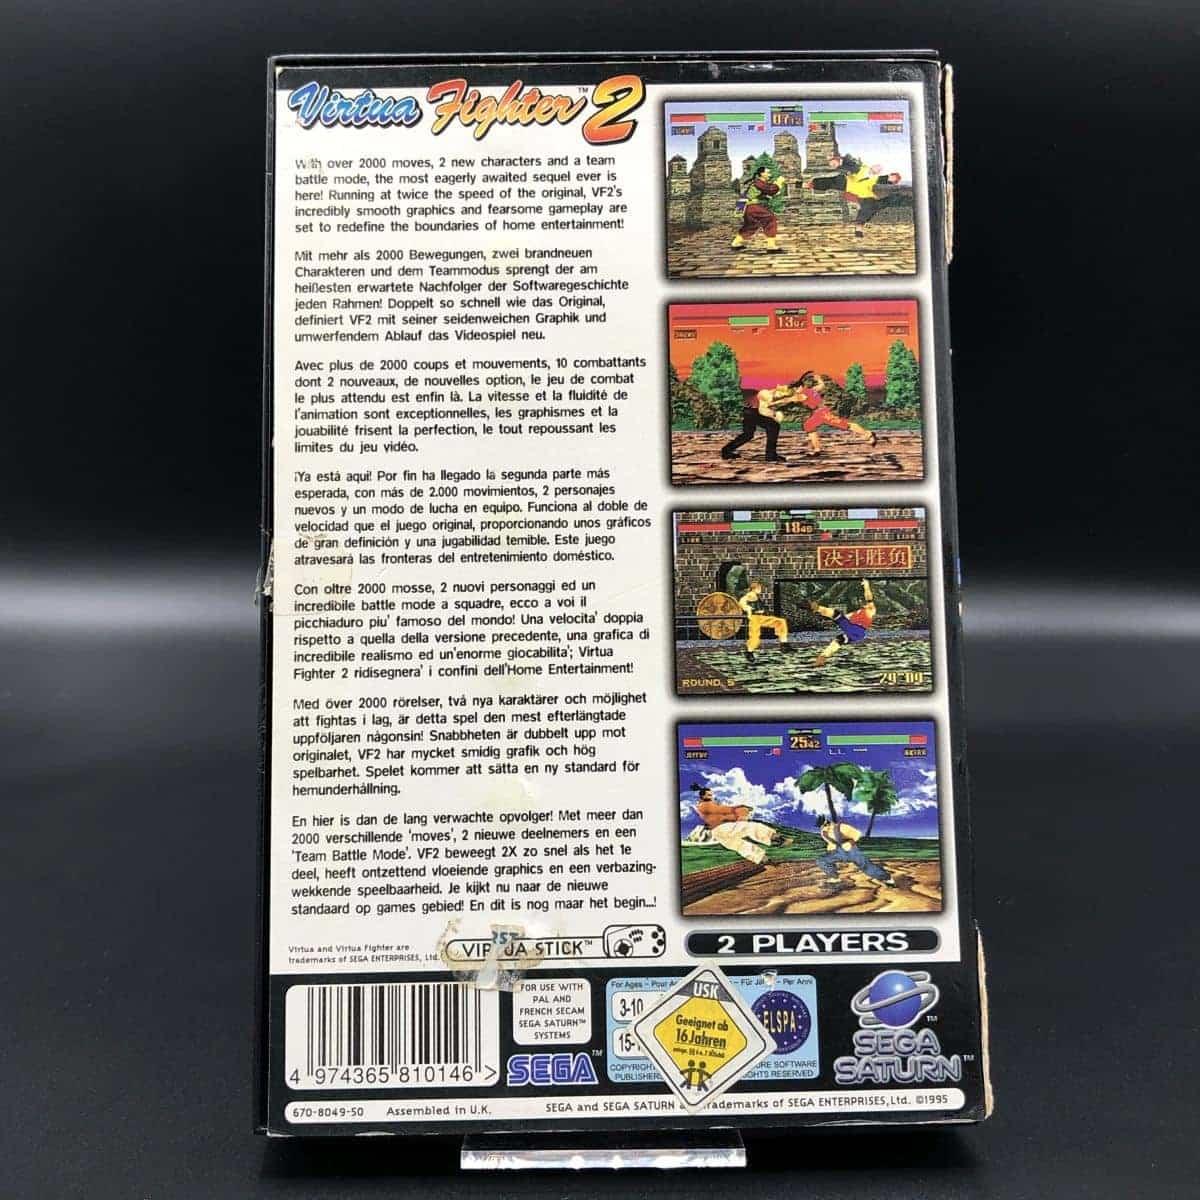 Virtua Fighter 2 (ohne Anleitung) (Gebrauchsspuren) Sega Saturn